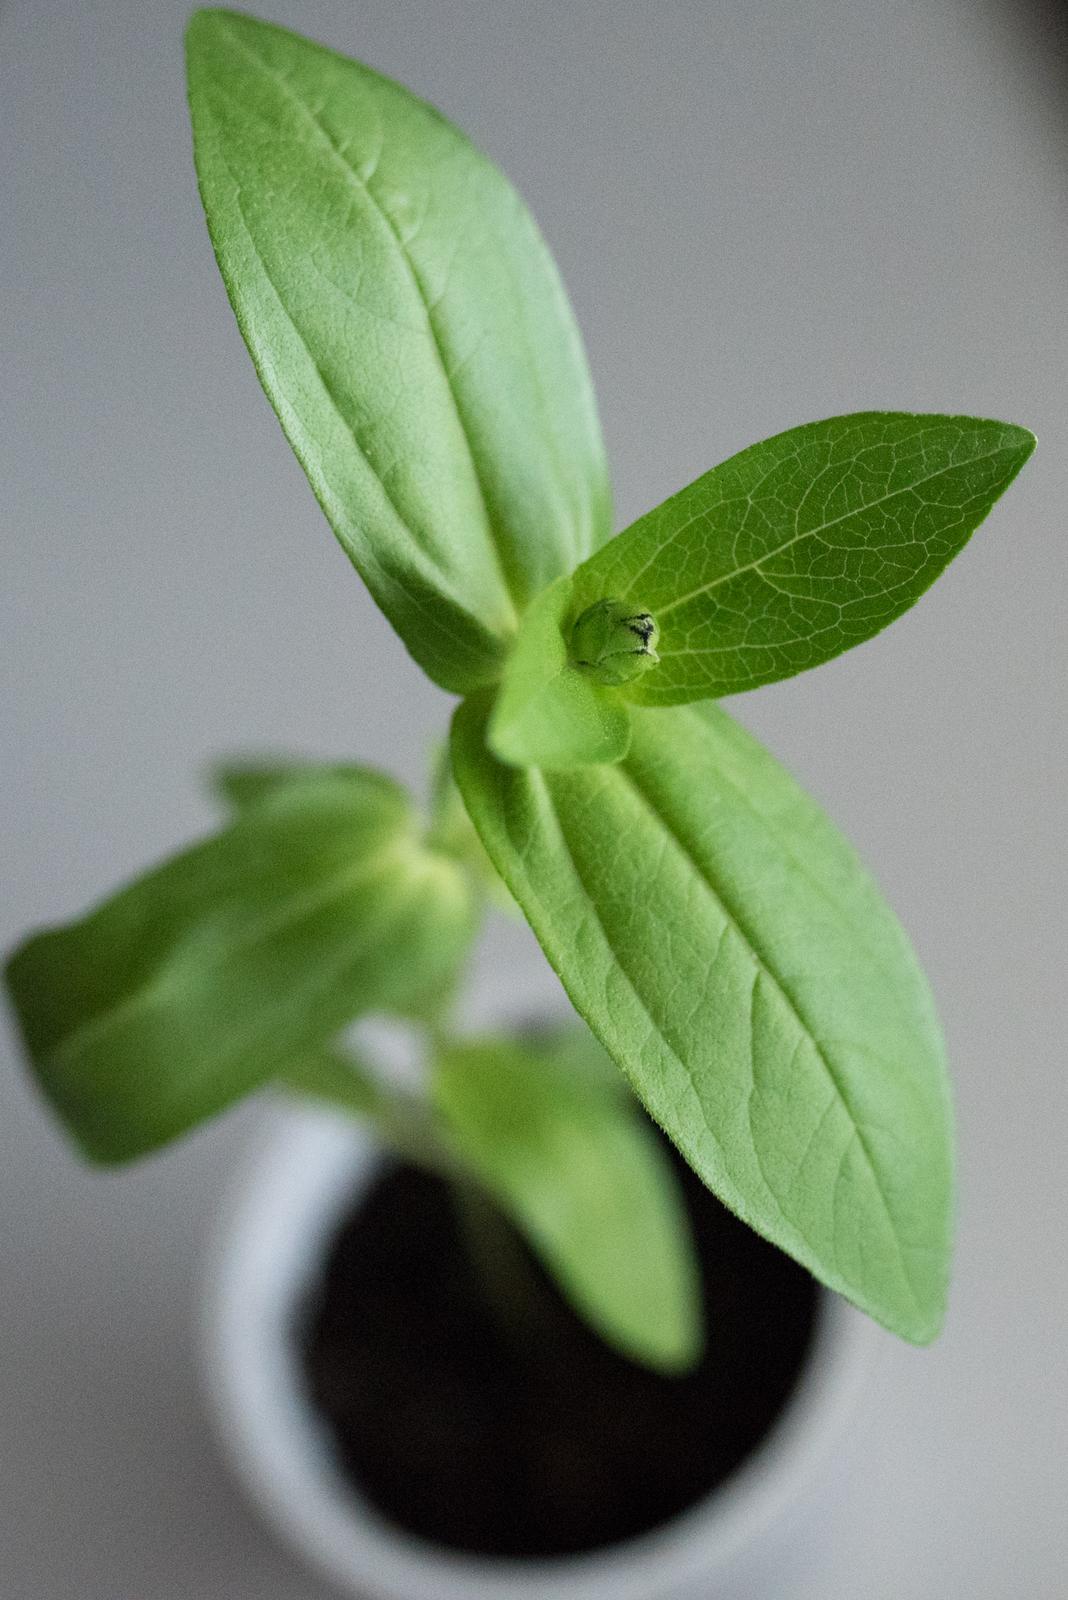 Vo víre kvetov... - Prvý kvetný púčik na sadenici Lime-red cínie!!! Táto odroda je náherná, ak sa im bude dobre dariť, chcela by som ich mať aj vo svadobnej kytici :) aj ked neviem, či si to nepoviem pri každej kvetine :D